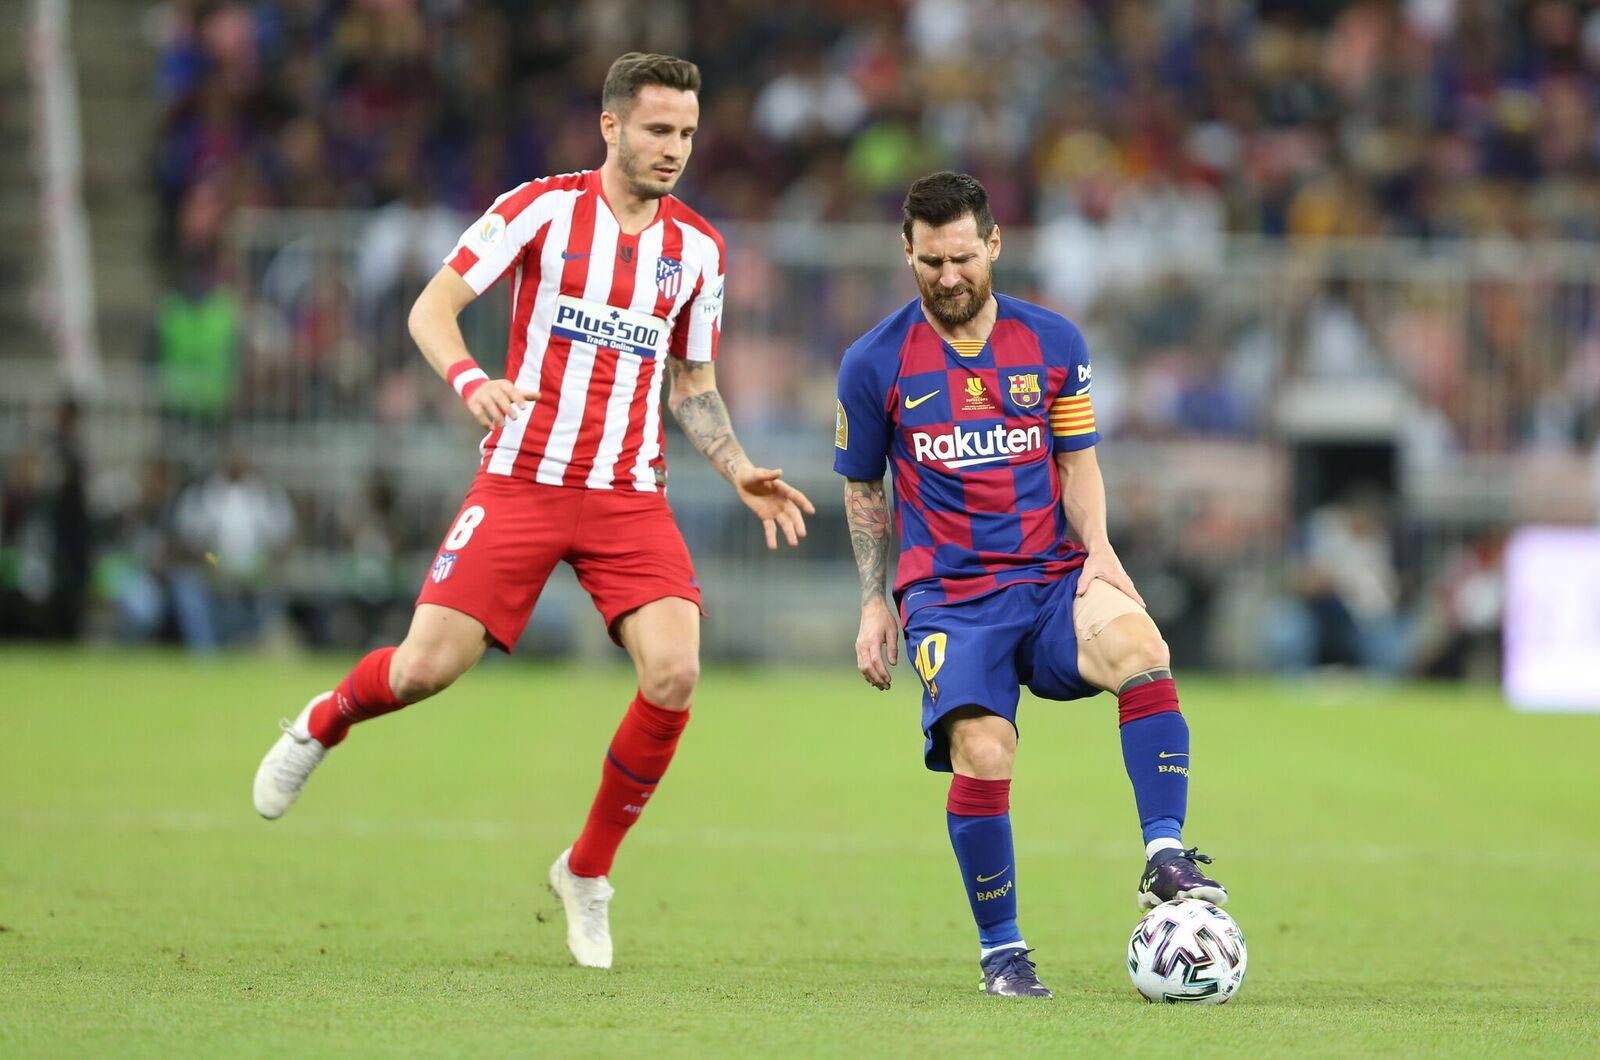 Liga espanhola não regressa antes de 28 de maio -- Presidente